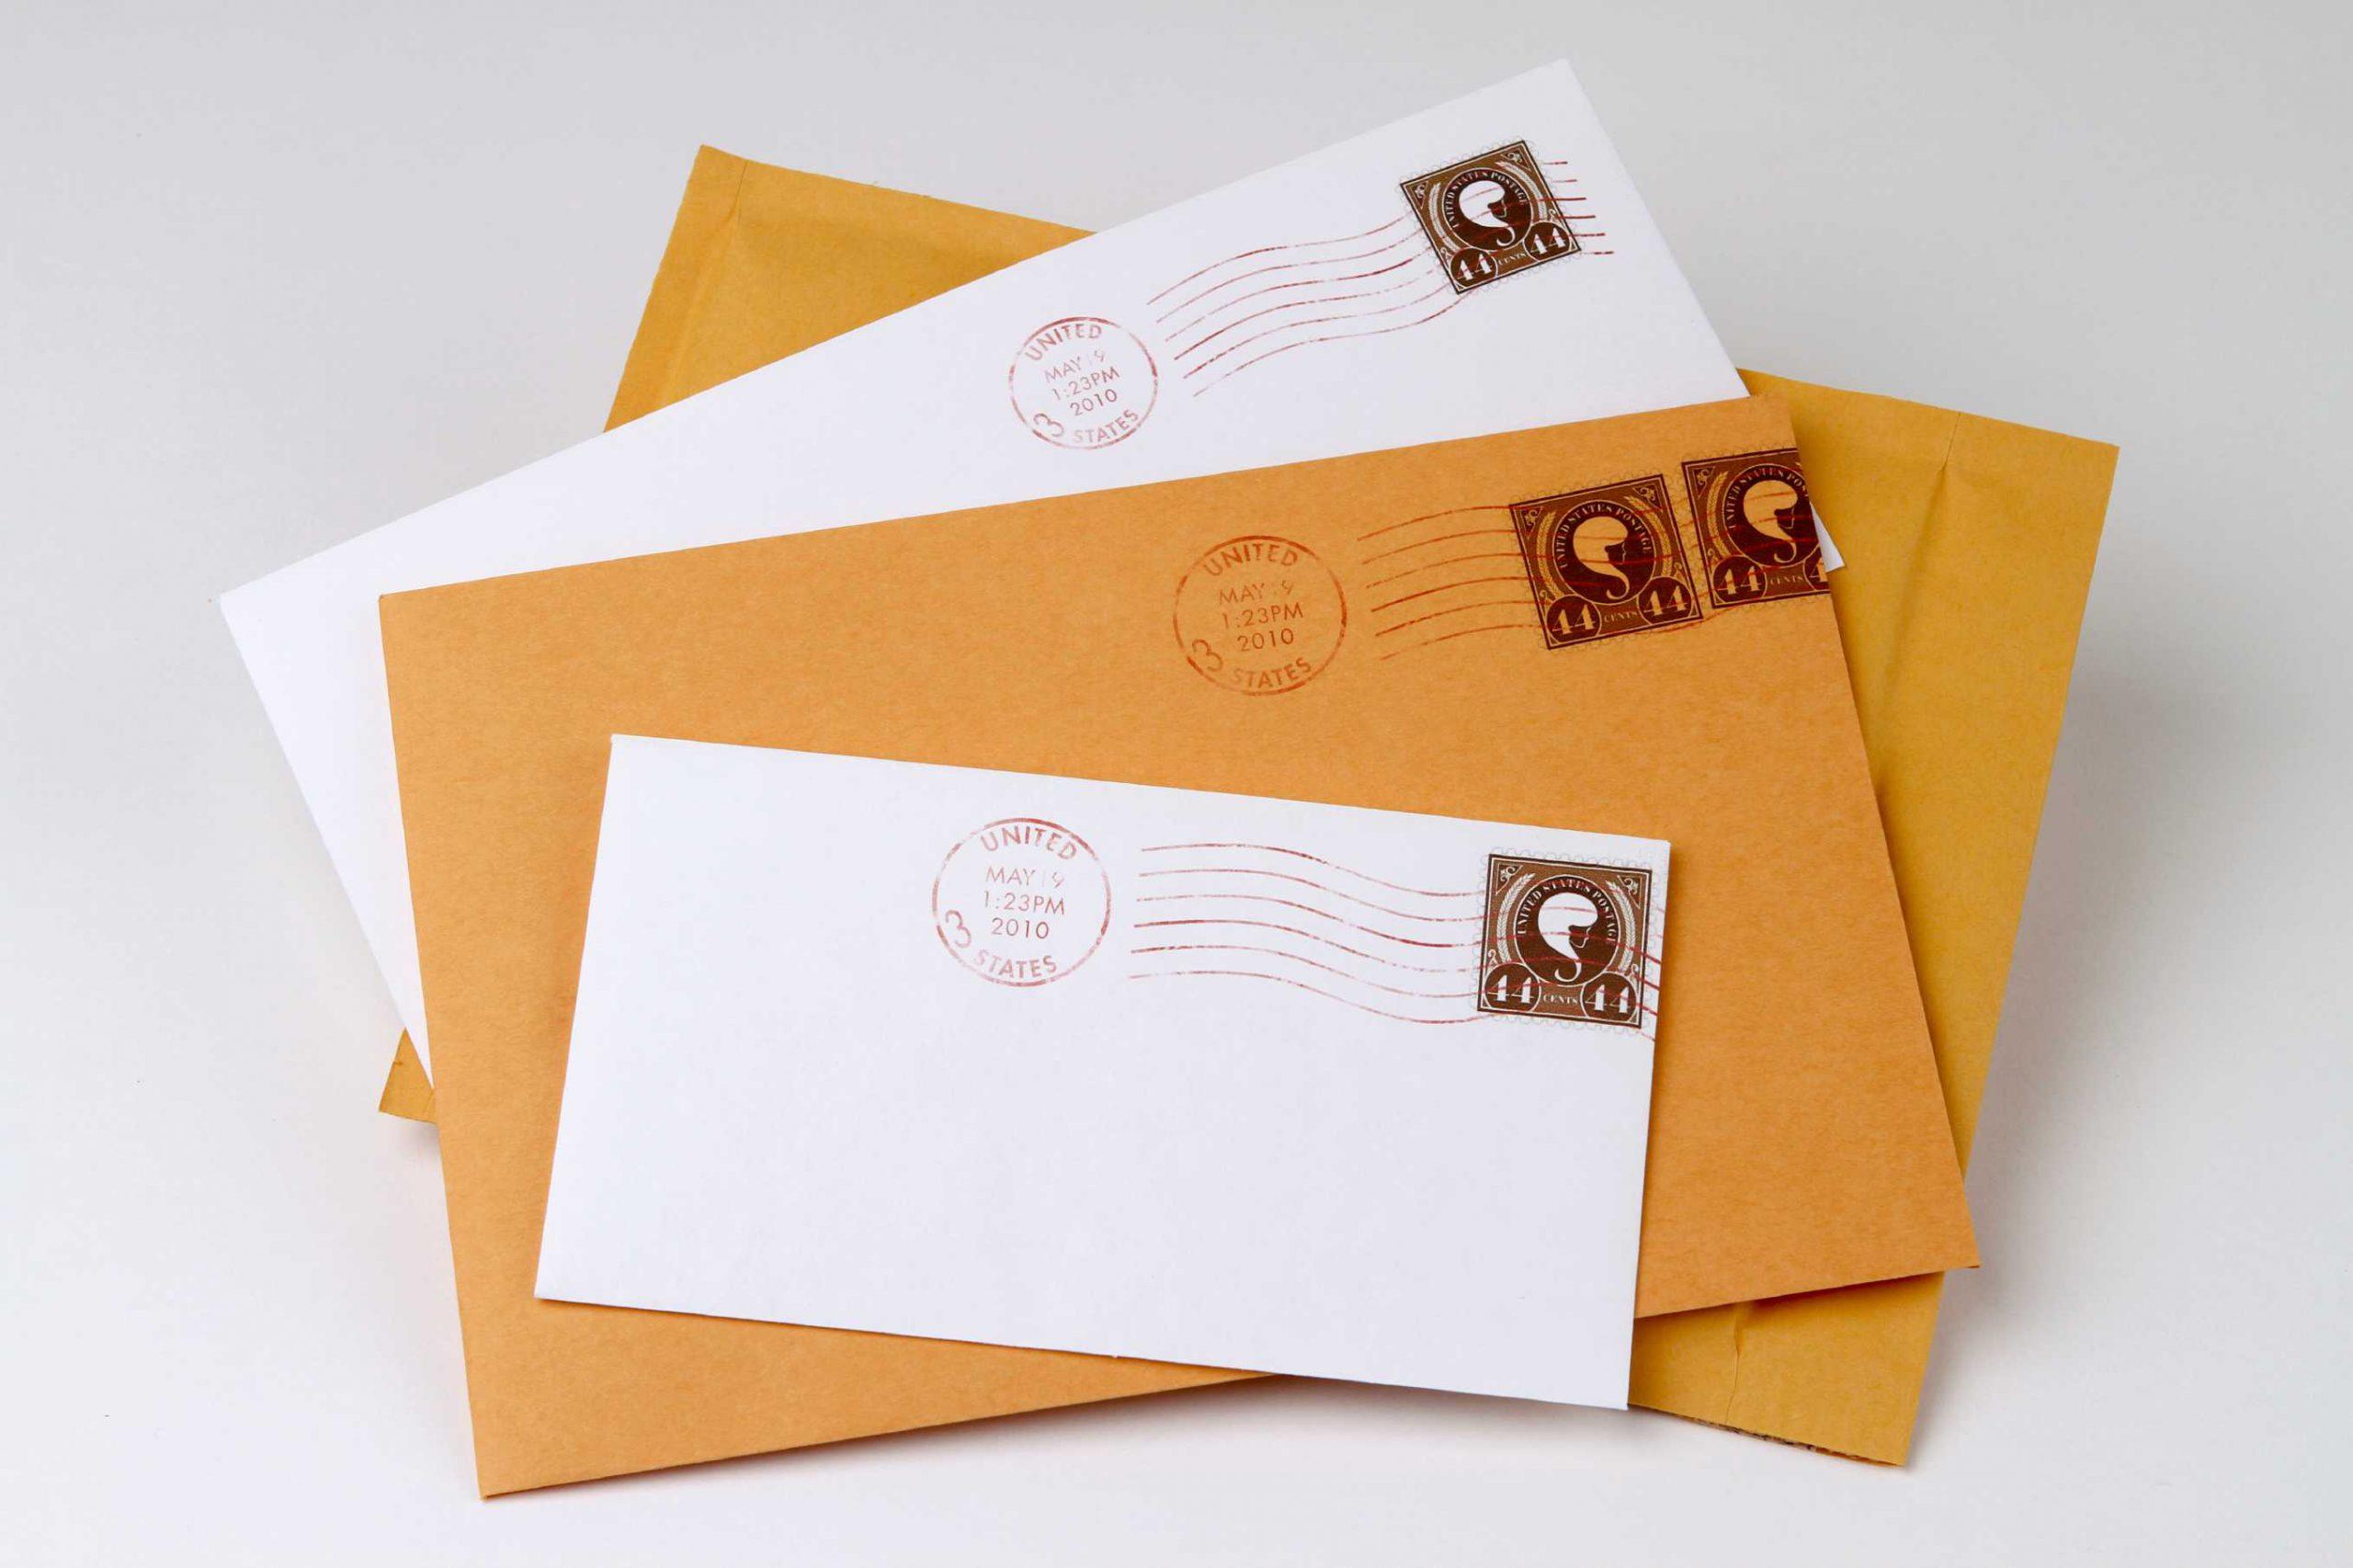 Chuyển phát nhanh thư từ, tài liệu Hà Nội - Sài Gòn trong ngày